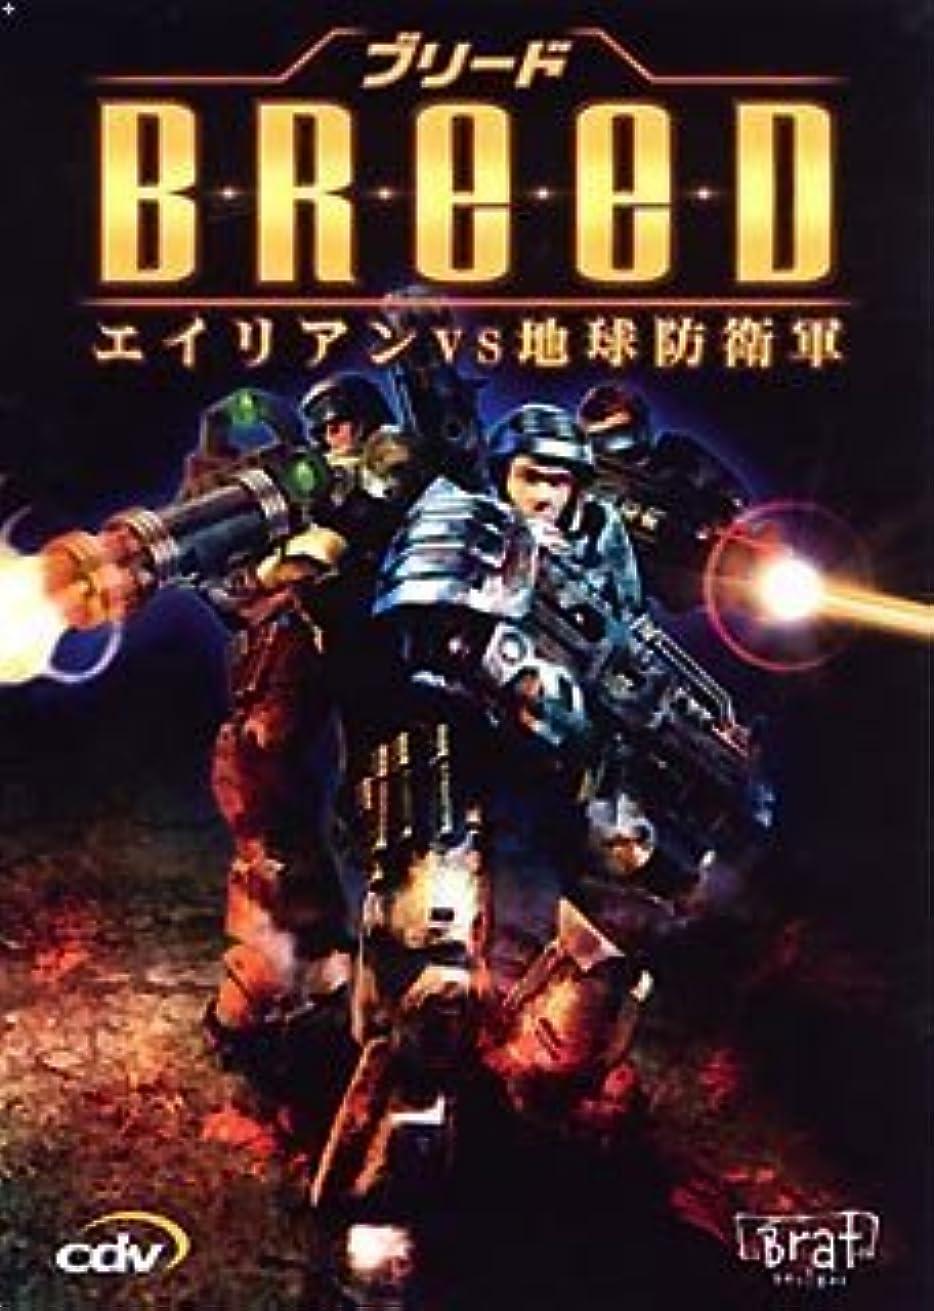 変化レース篭ブリード ~エイリアン VS 地球防衛軍~ 日本語版